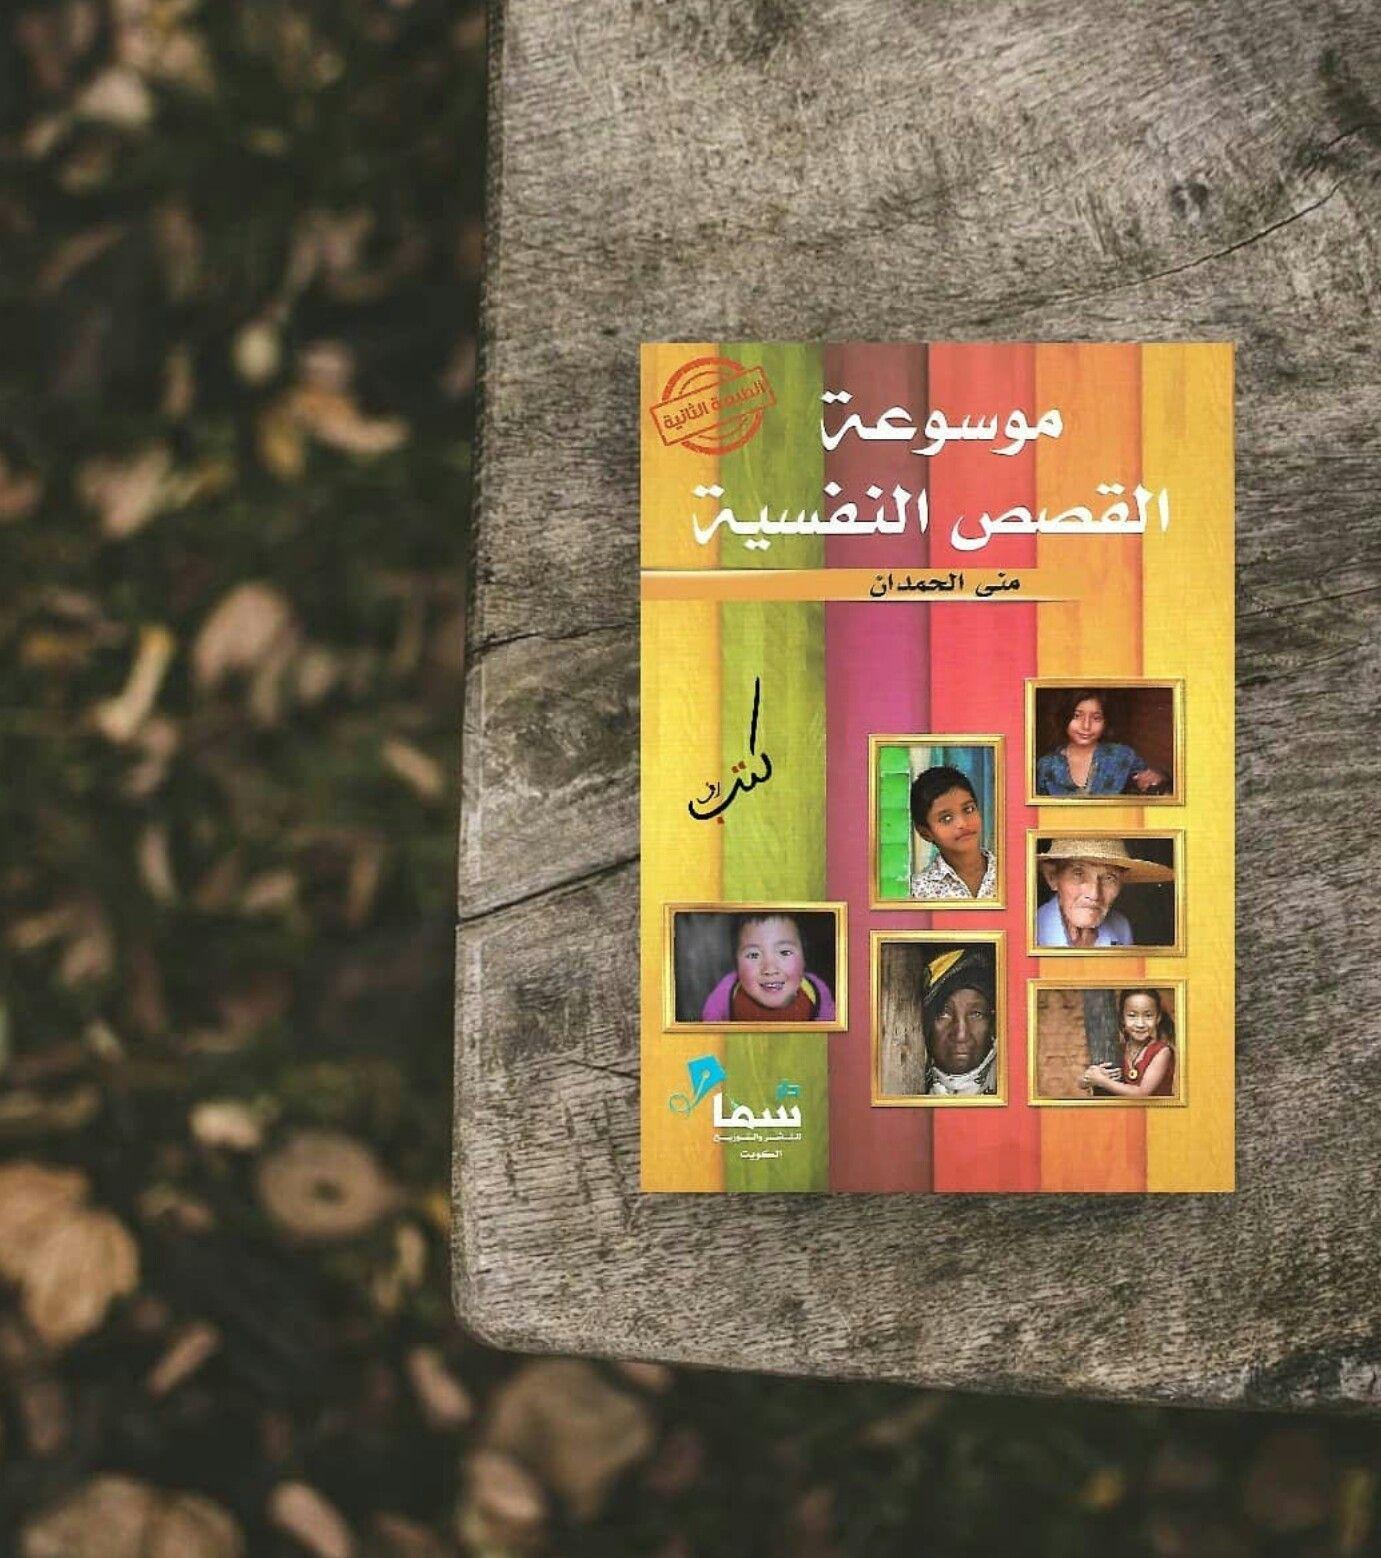 تحتوي الموسوعة على 100 قصة منتقاة بعناية من أفضل القصص العالمية القصيرة والتي تدور في فلك علم النفس وفيها من الفوائد والعبر العظ Book Cover Books To Read Books